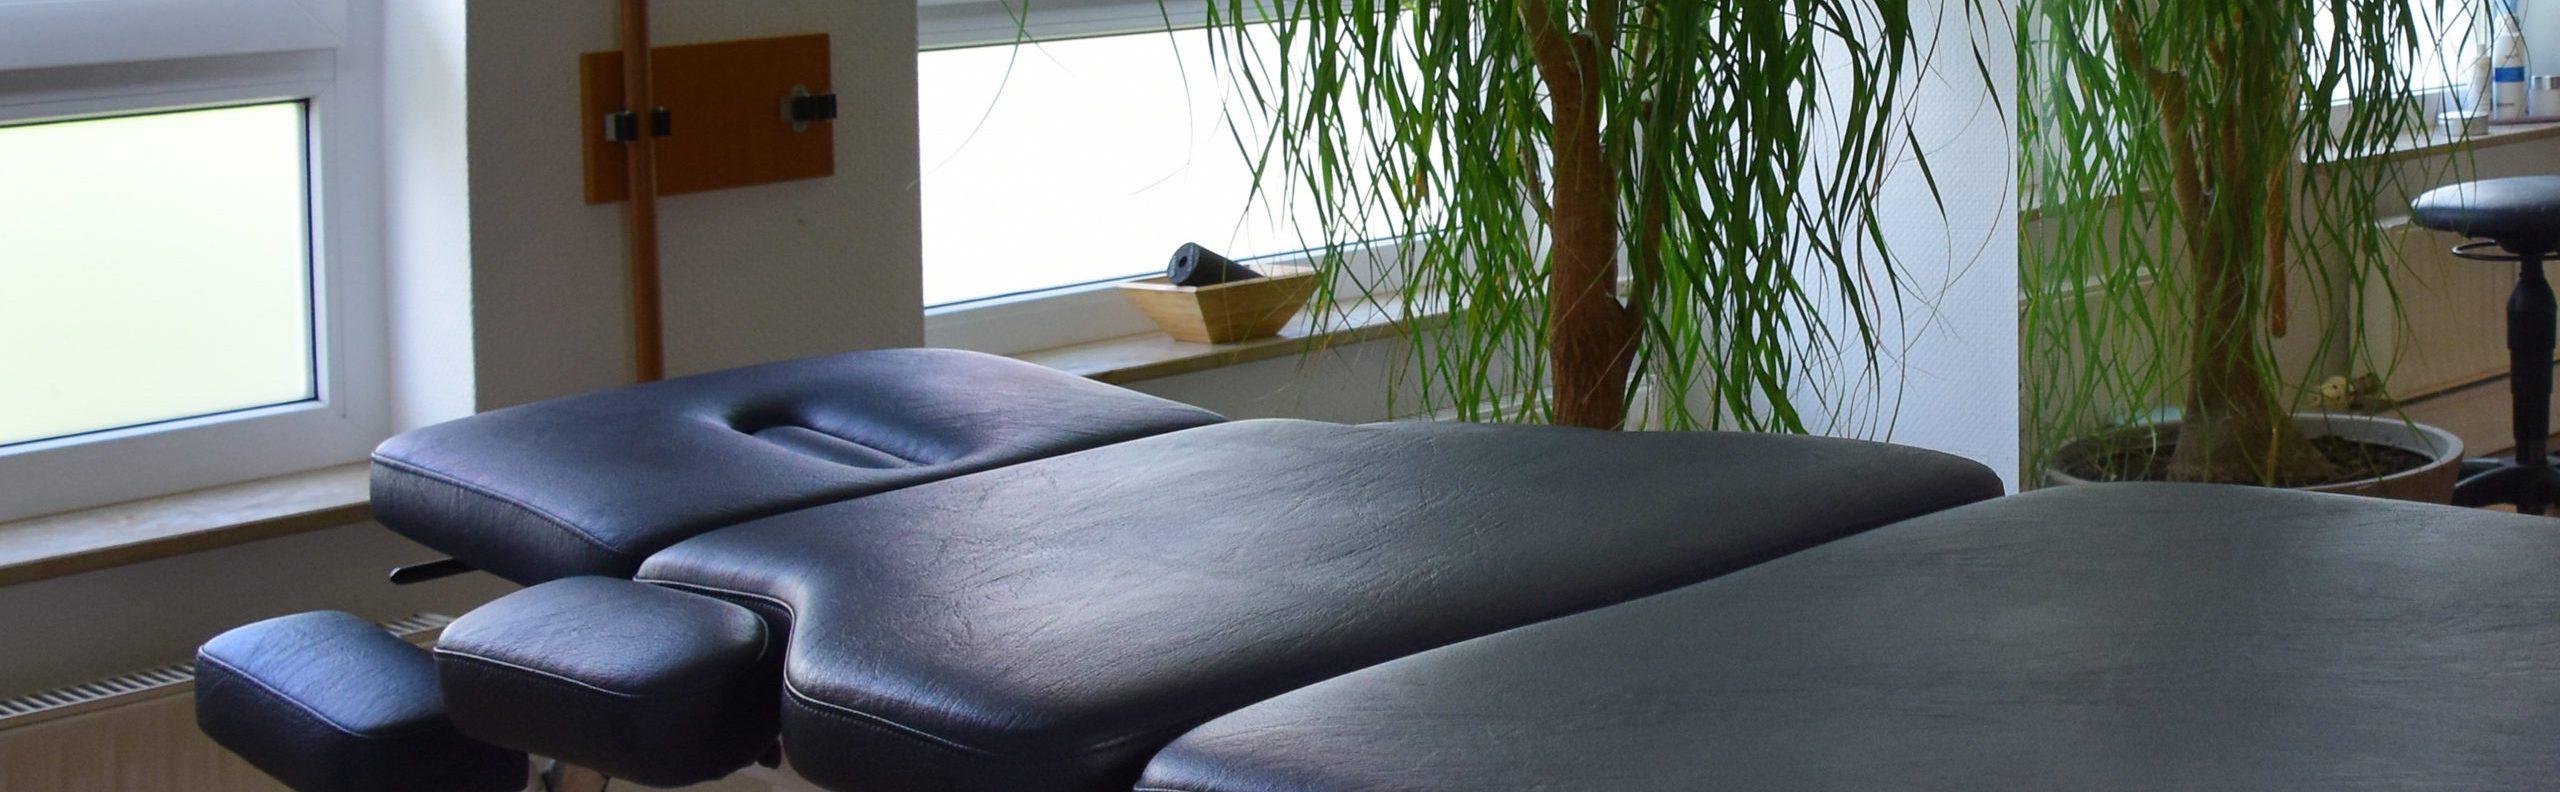 Behandlungsliege Kim Winkler ganzheitliche Physiotherapie Markgroeningen